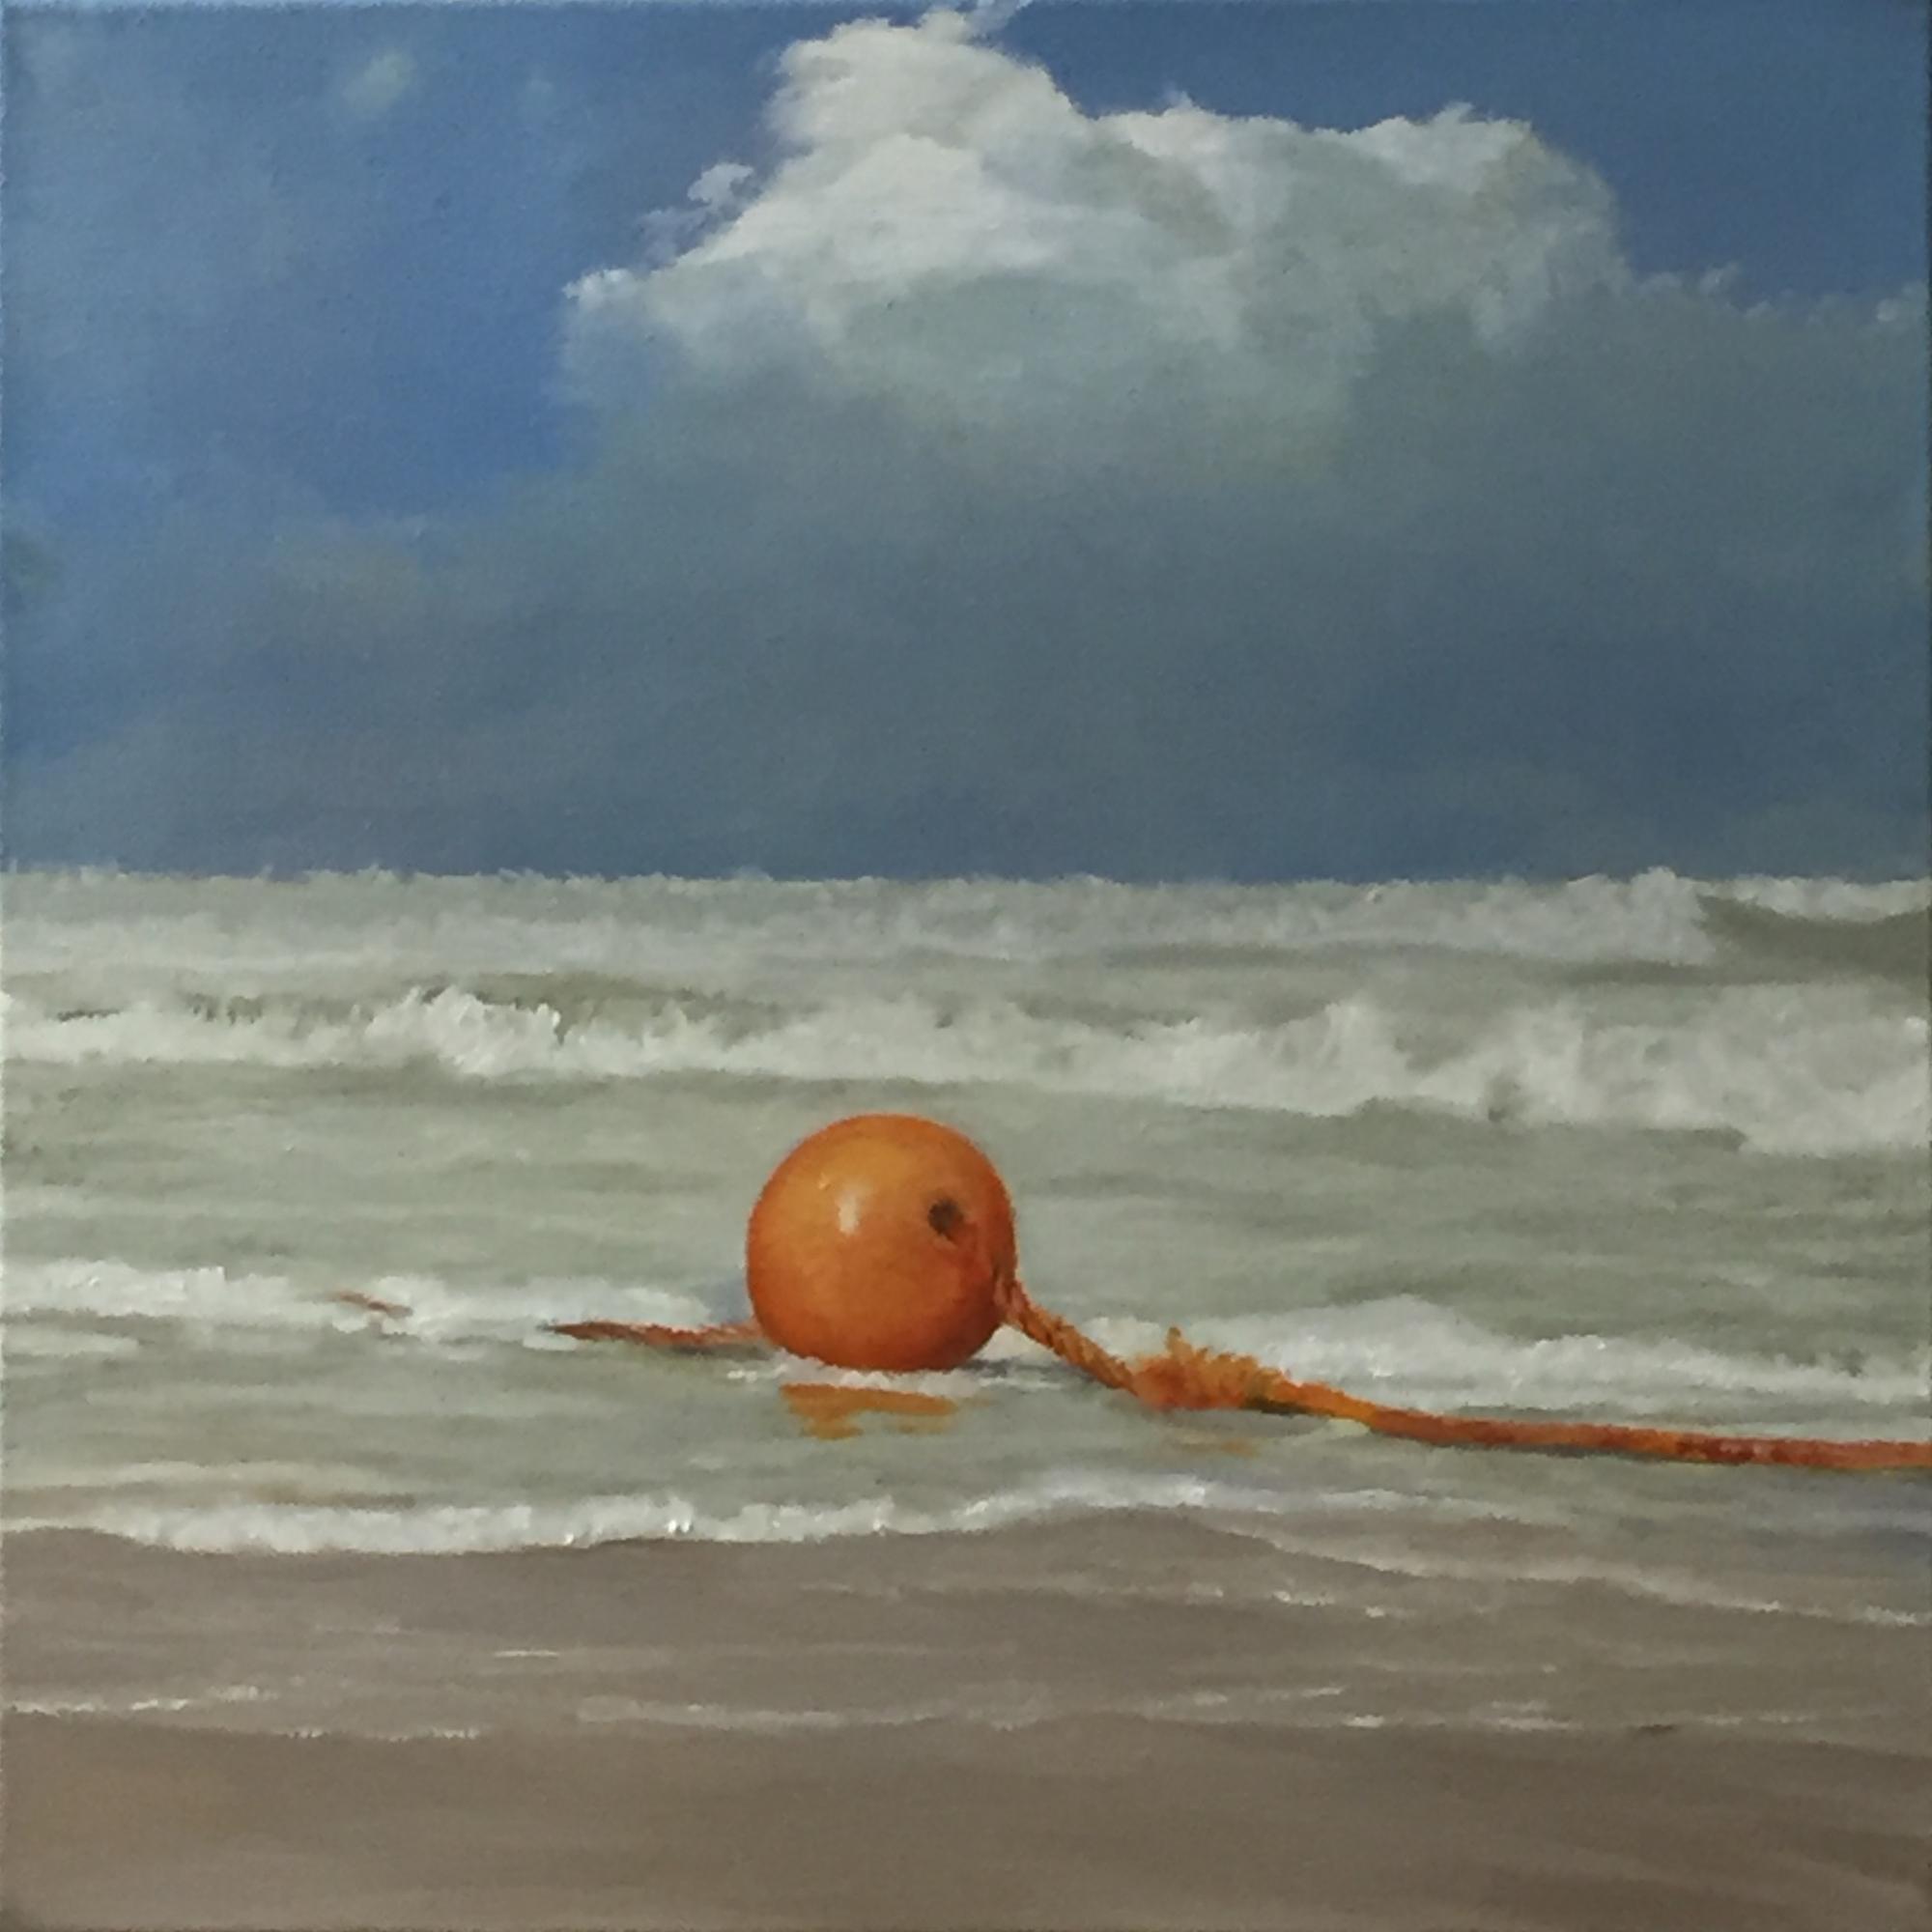 Orange net float